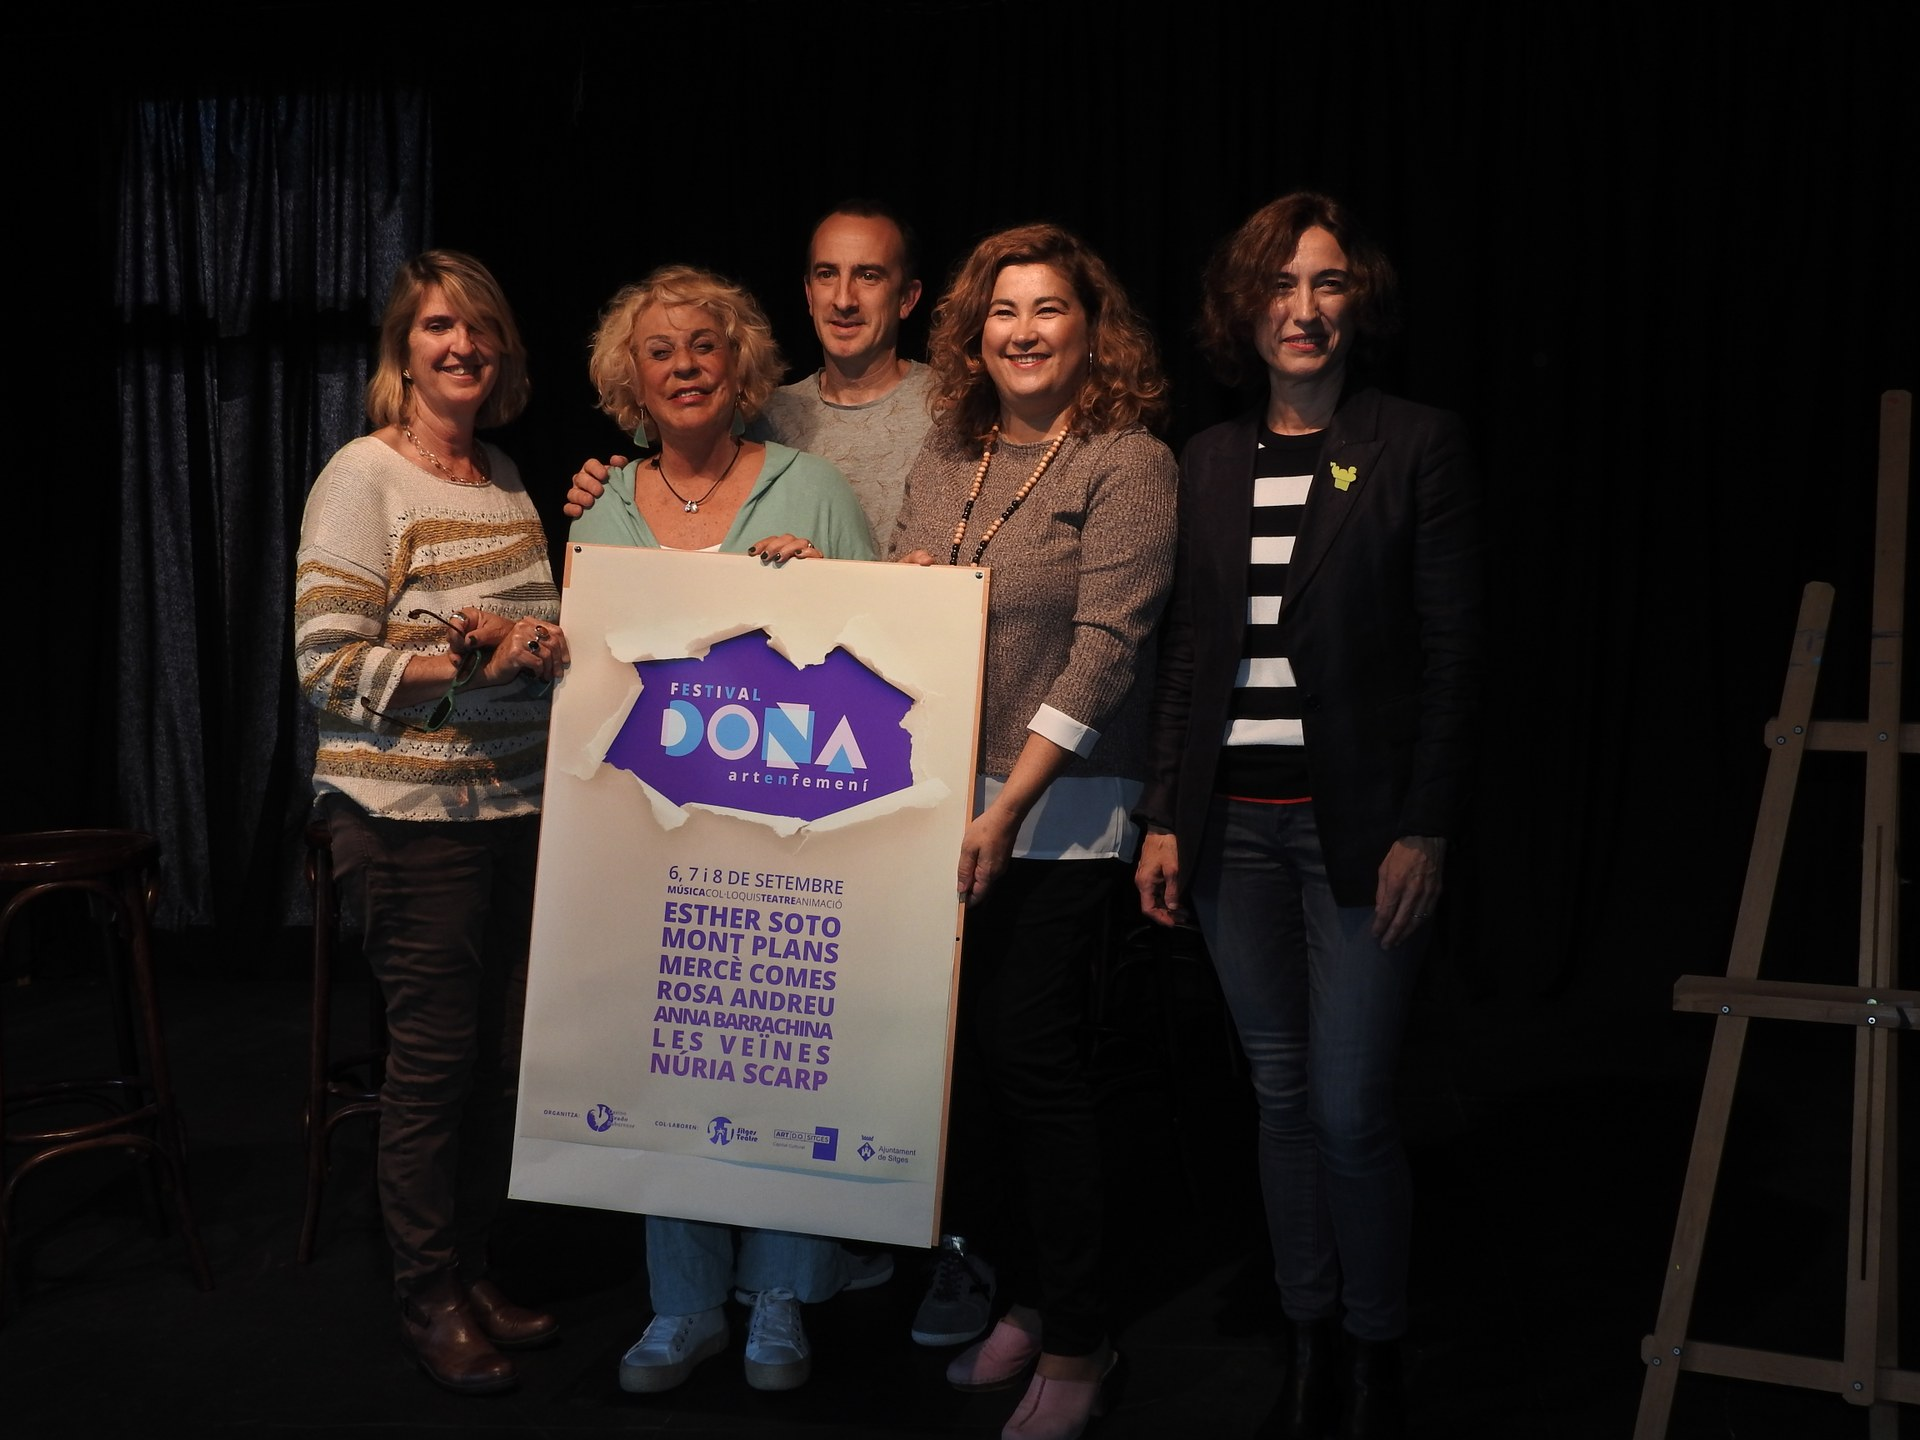 El festival s'ha presentat aquest dimecres a la Sala Jofre Vila